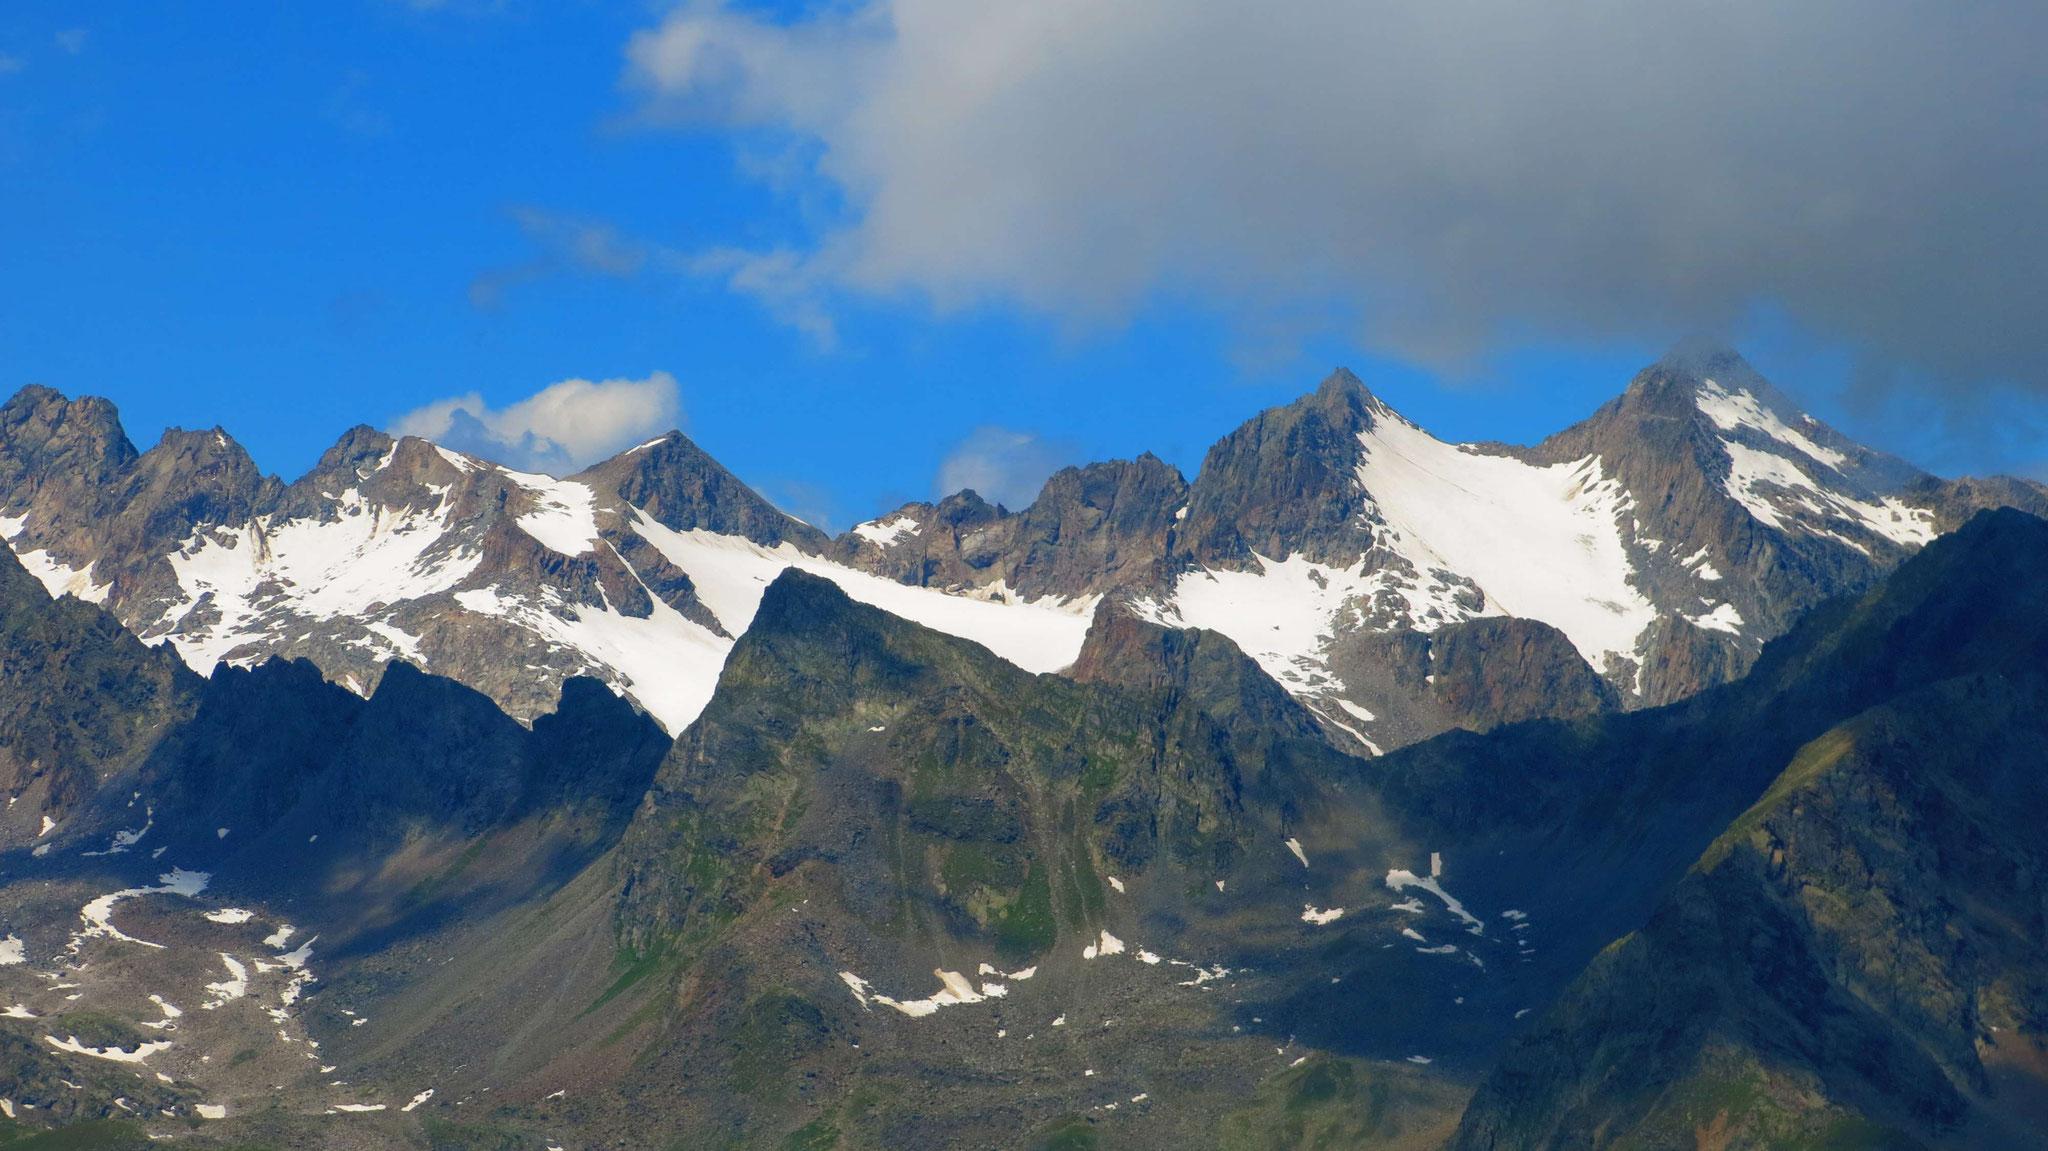 Lisener Spitze und Fernerkogel, im Vordergrund Rinnenspitze